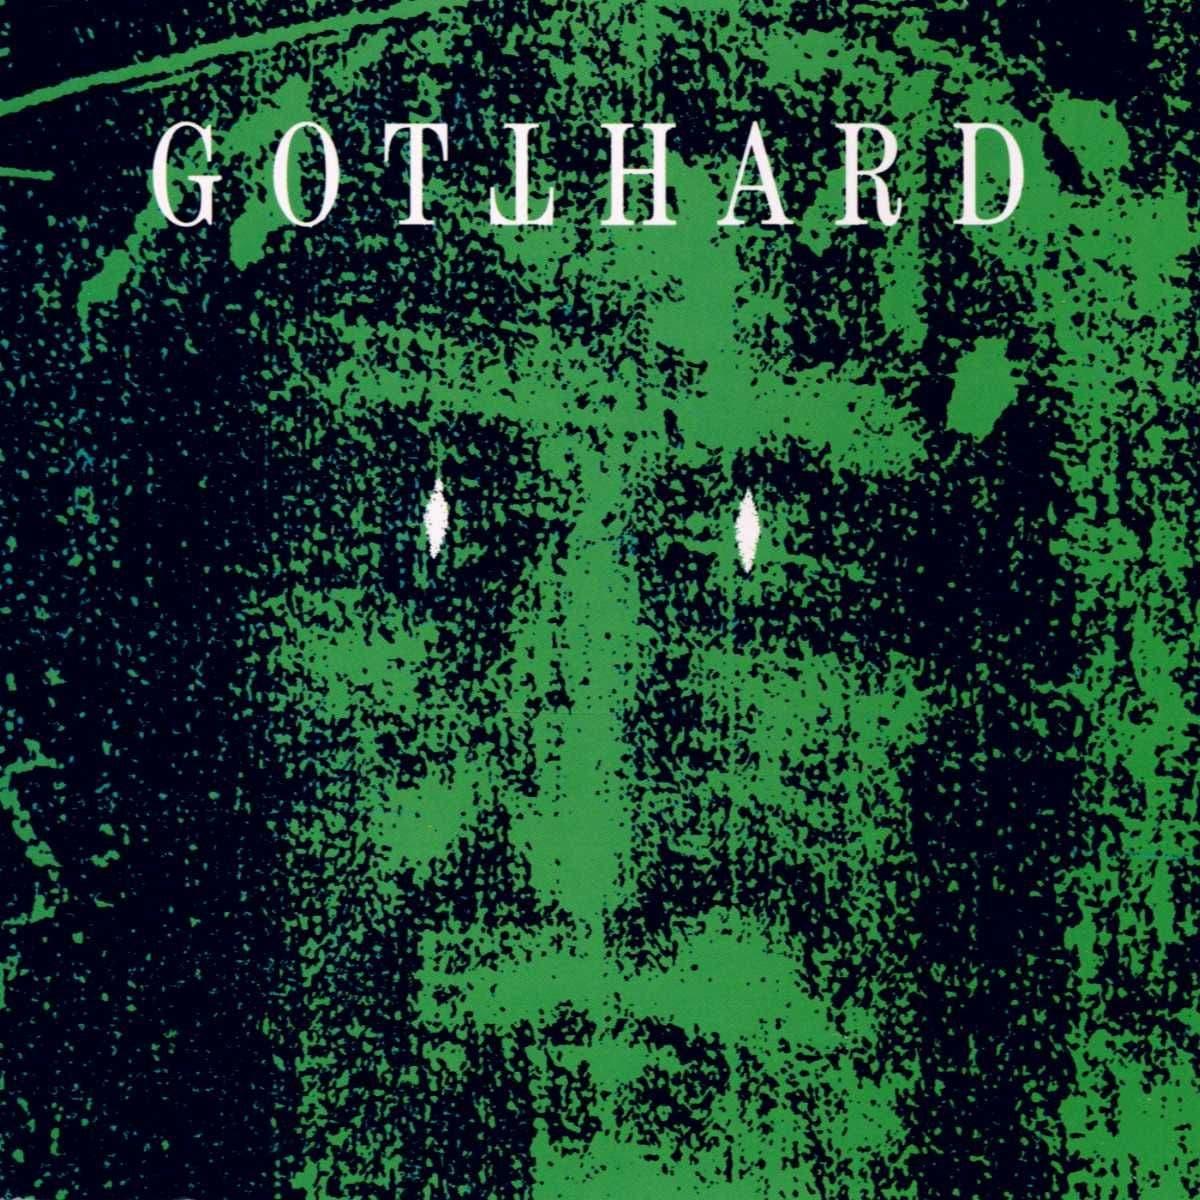 Gotthard (1992) Ein Erstling nach Mass. Die langen Vorbereitungen zeigten Früchte. Songs wie «Firedance», «Downtown» und «All I Care For» tönen noch heute taufrisch.